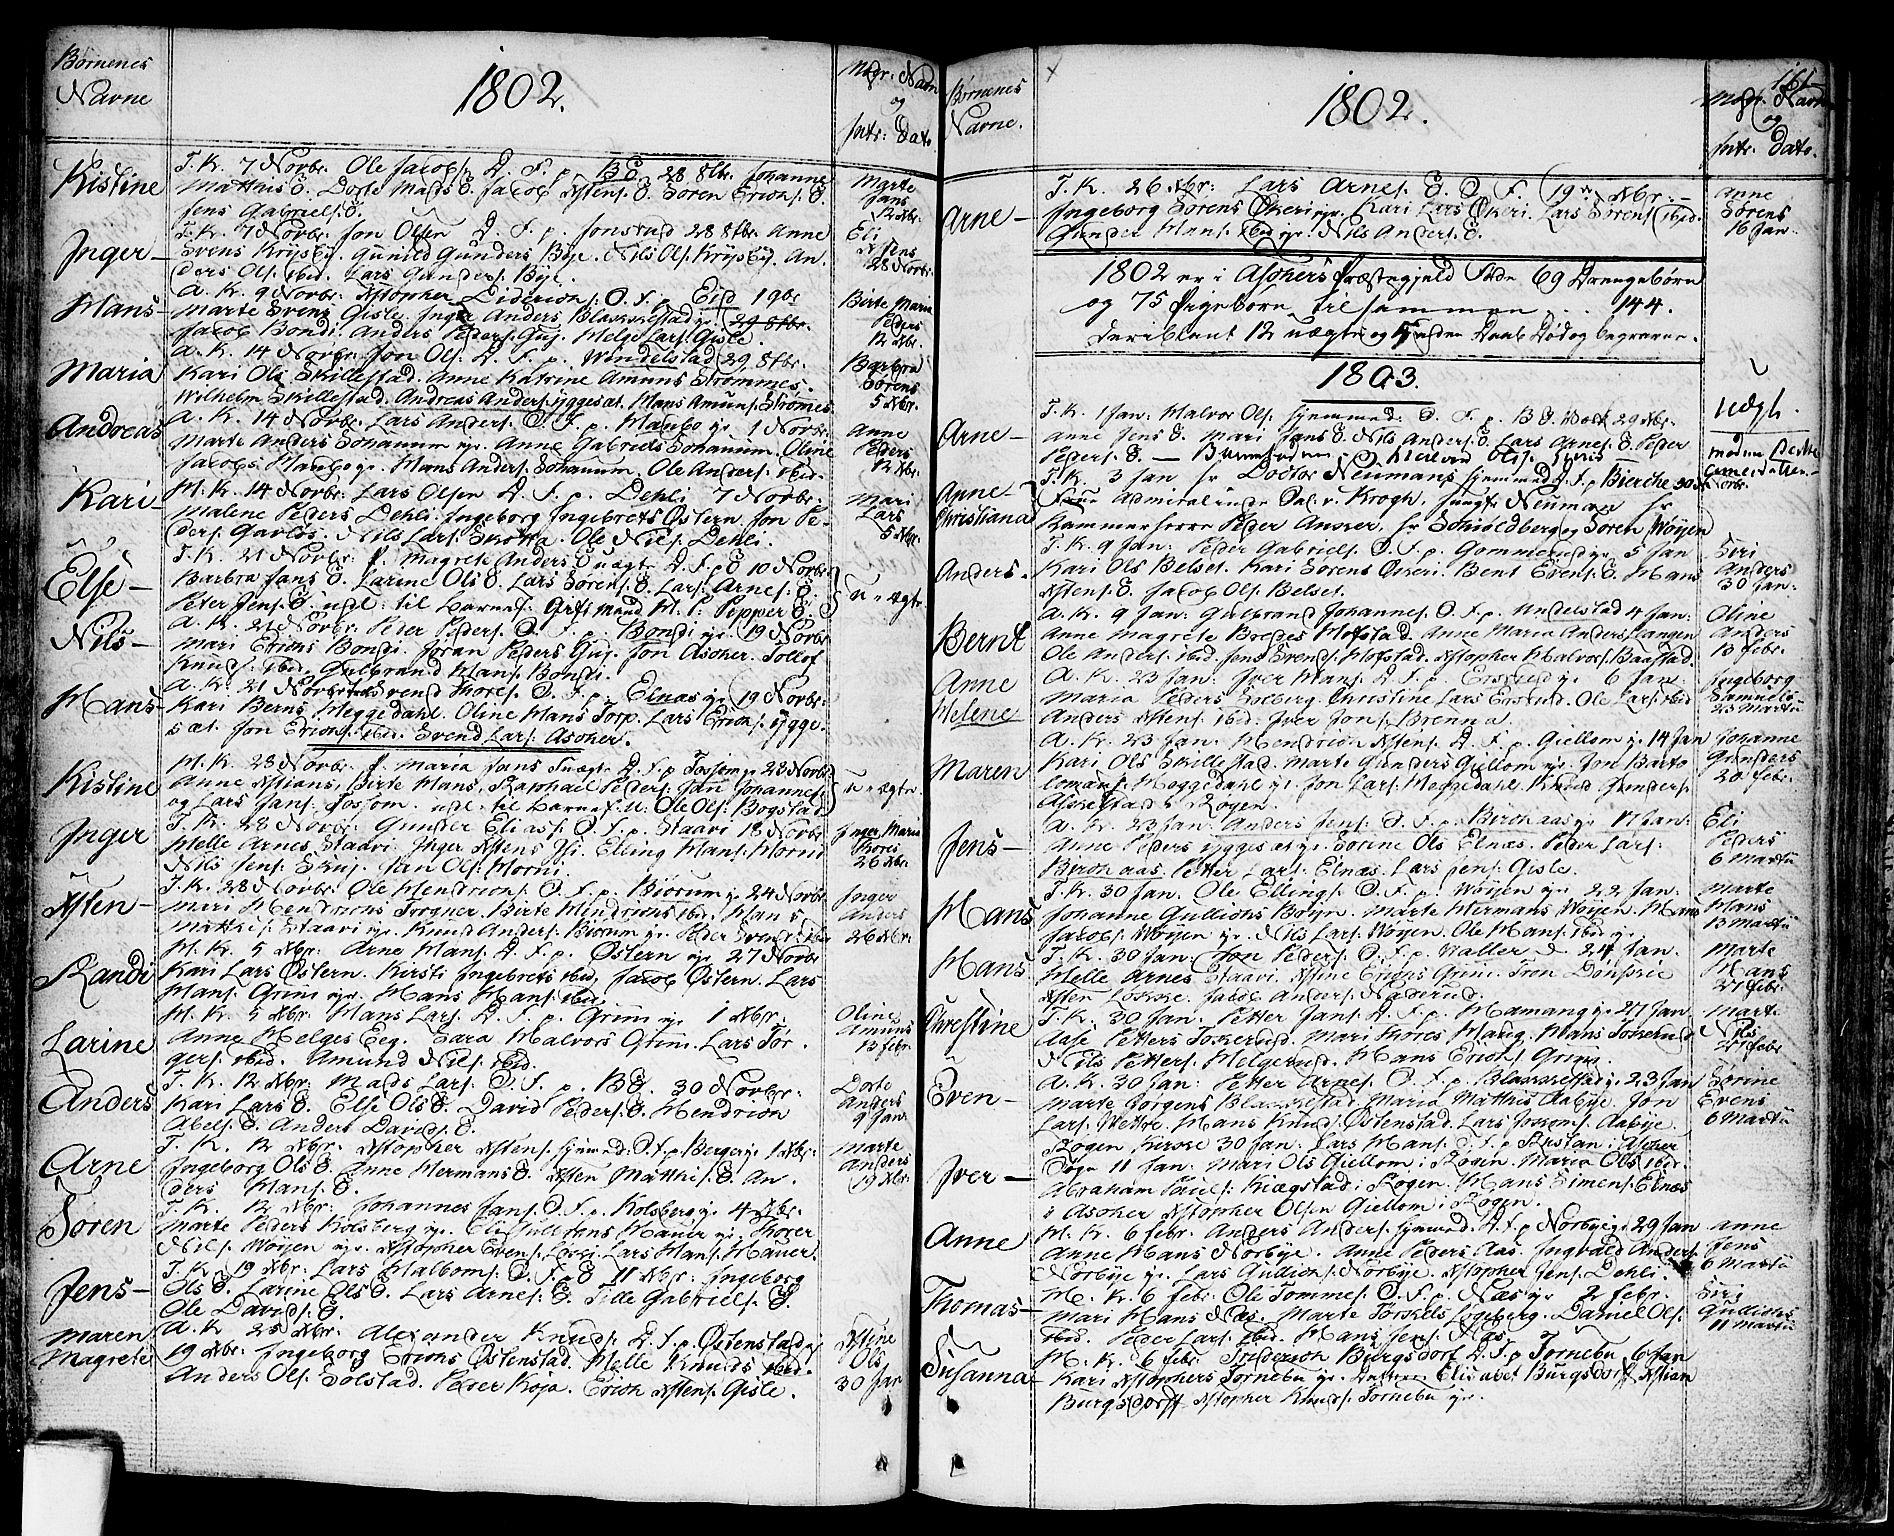 SAO, Asker prestekontor Kirkebøker, F/Fa/L0003: Ministerialbok nr. I 3, 1767-1807, s. 161